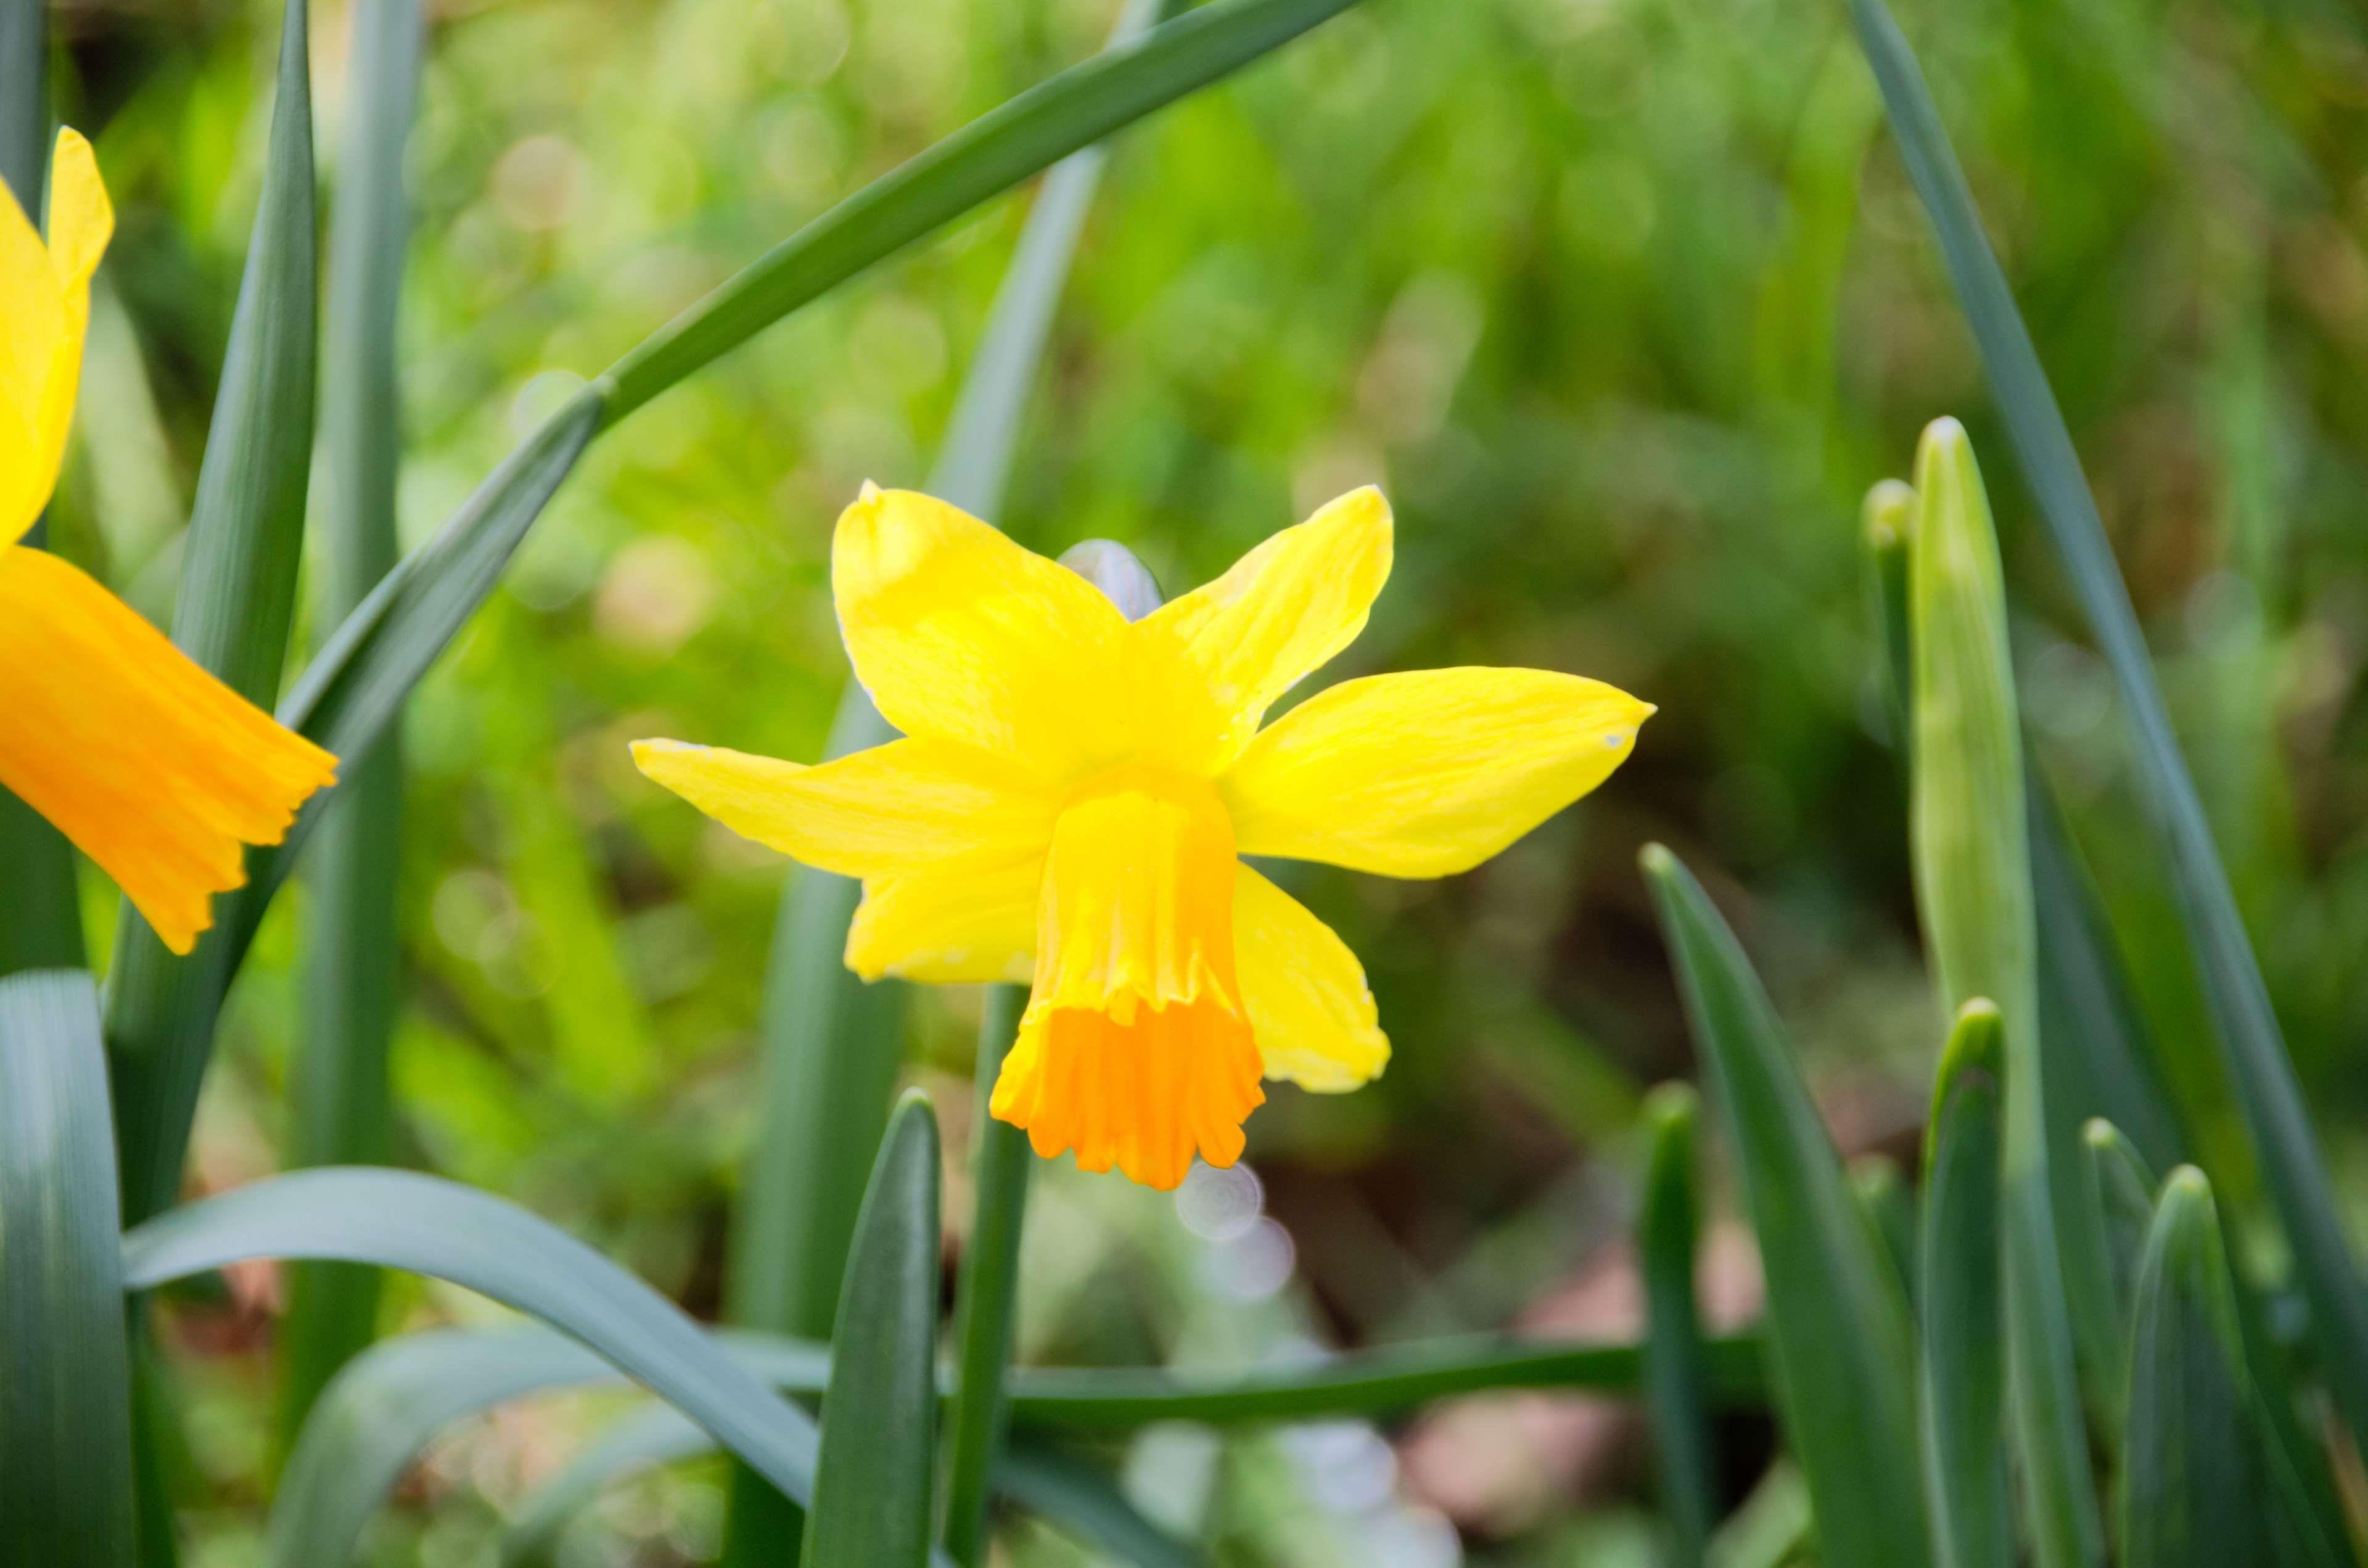 botanique fleur fleur jaune floraison flore jonquille jonquille jaune - Fleur Jonquille